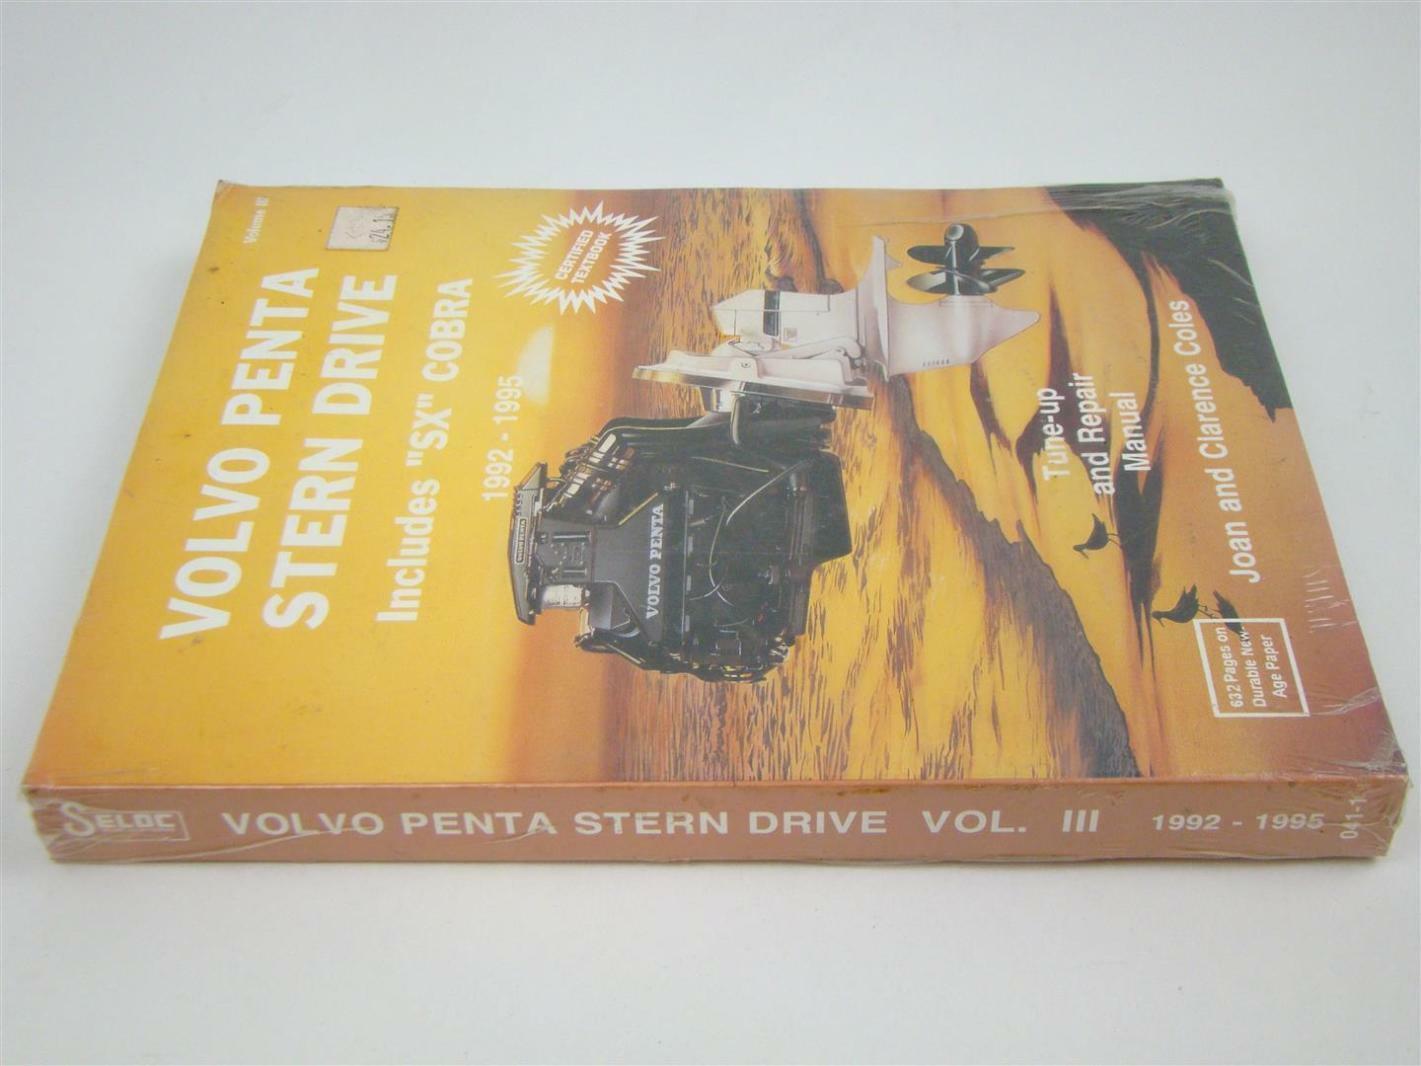 Seloc Volvo Penta Stern Drive Repair Manual ,1992 - 1995, 0-89330-